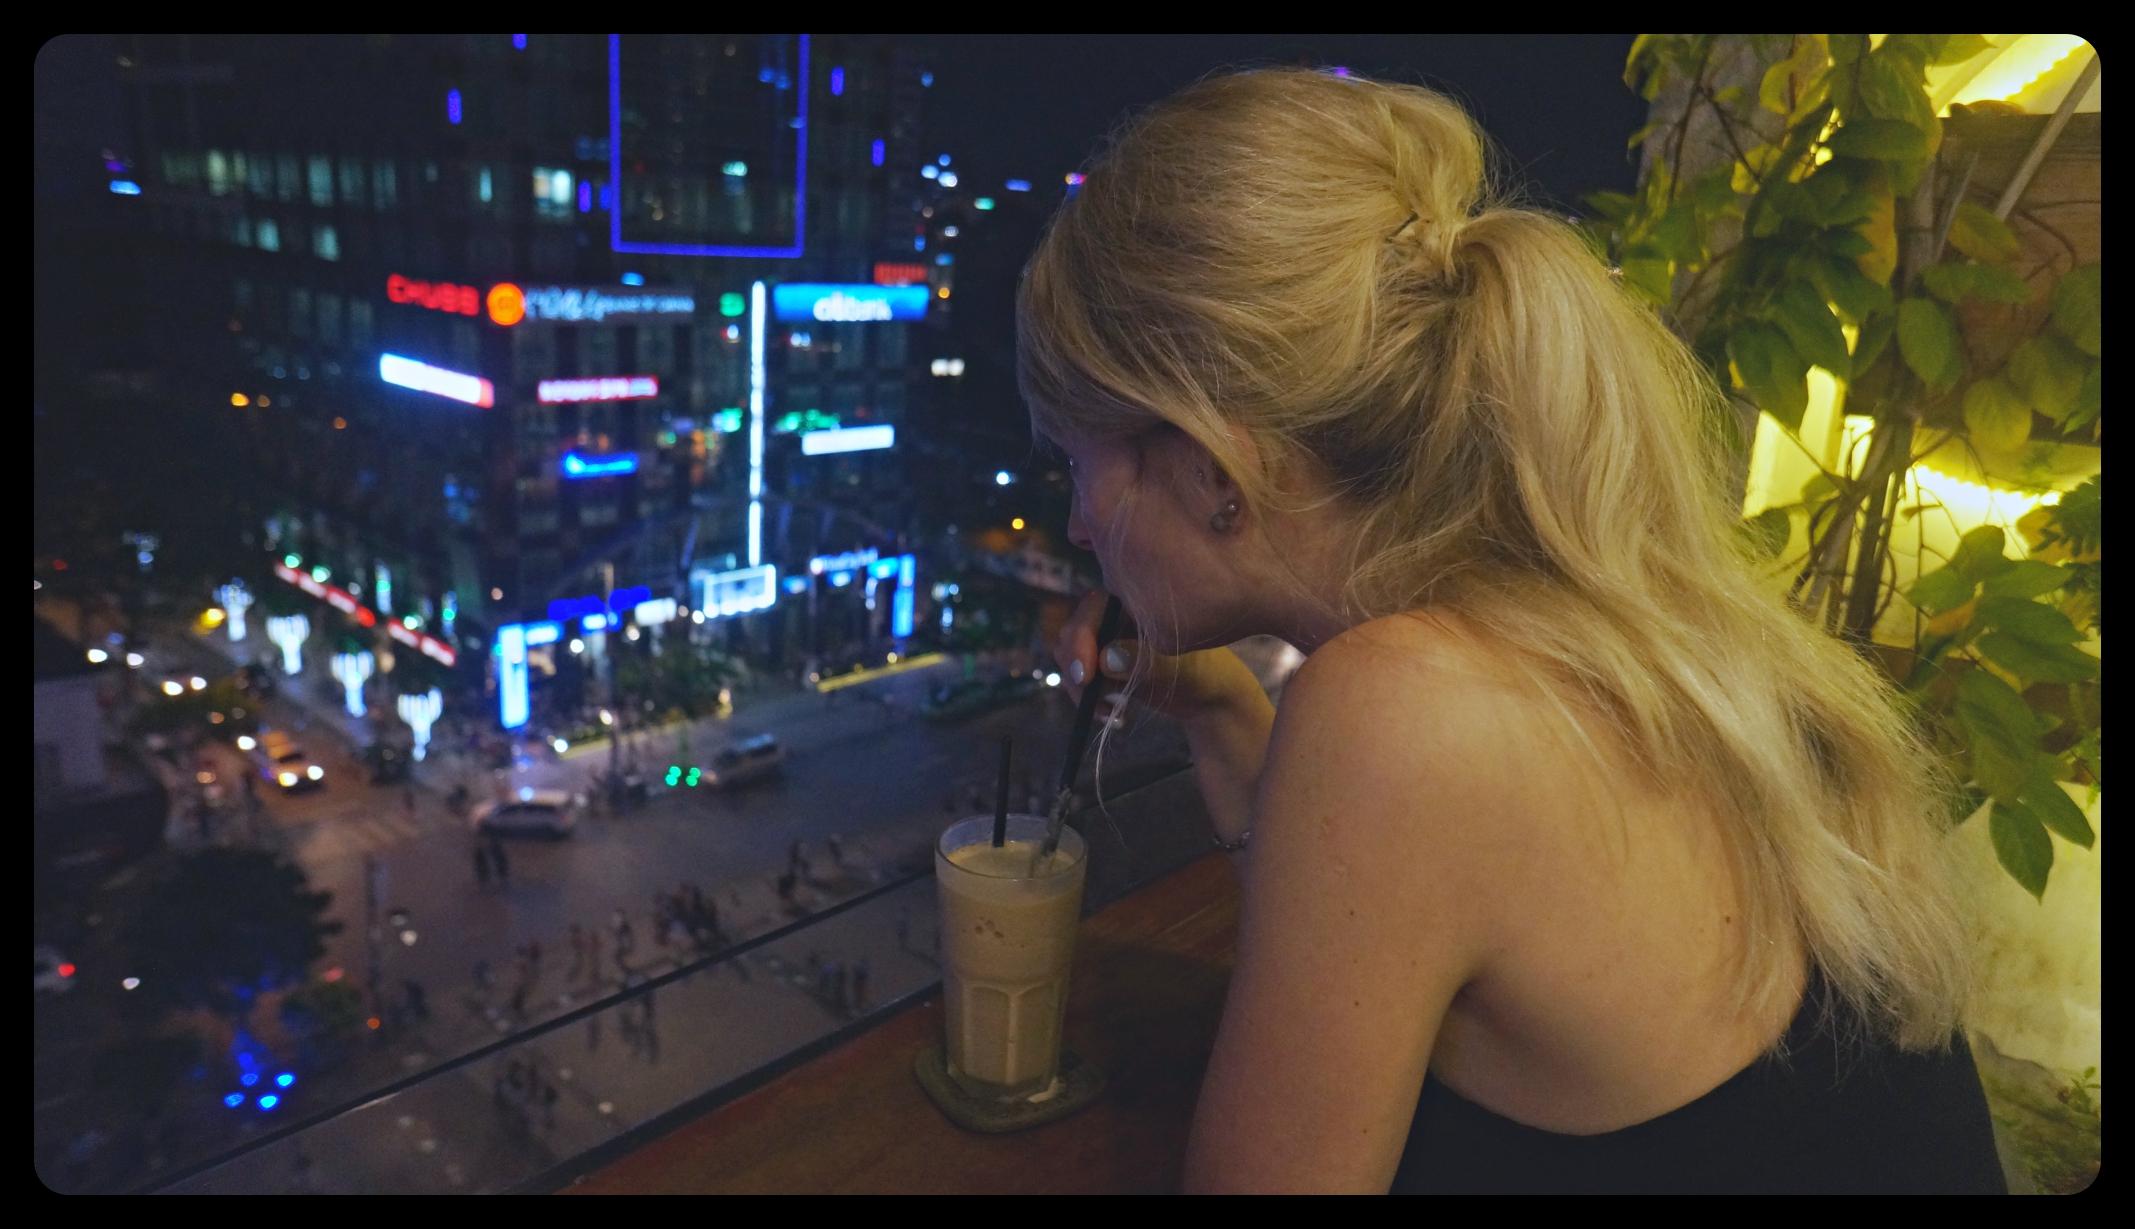 Mrożona kawa w jednej z hipsterskich kawiarnii w Ho Chi Minh - na dziewiątym piętrze dawnego wieżowca